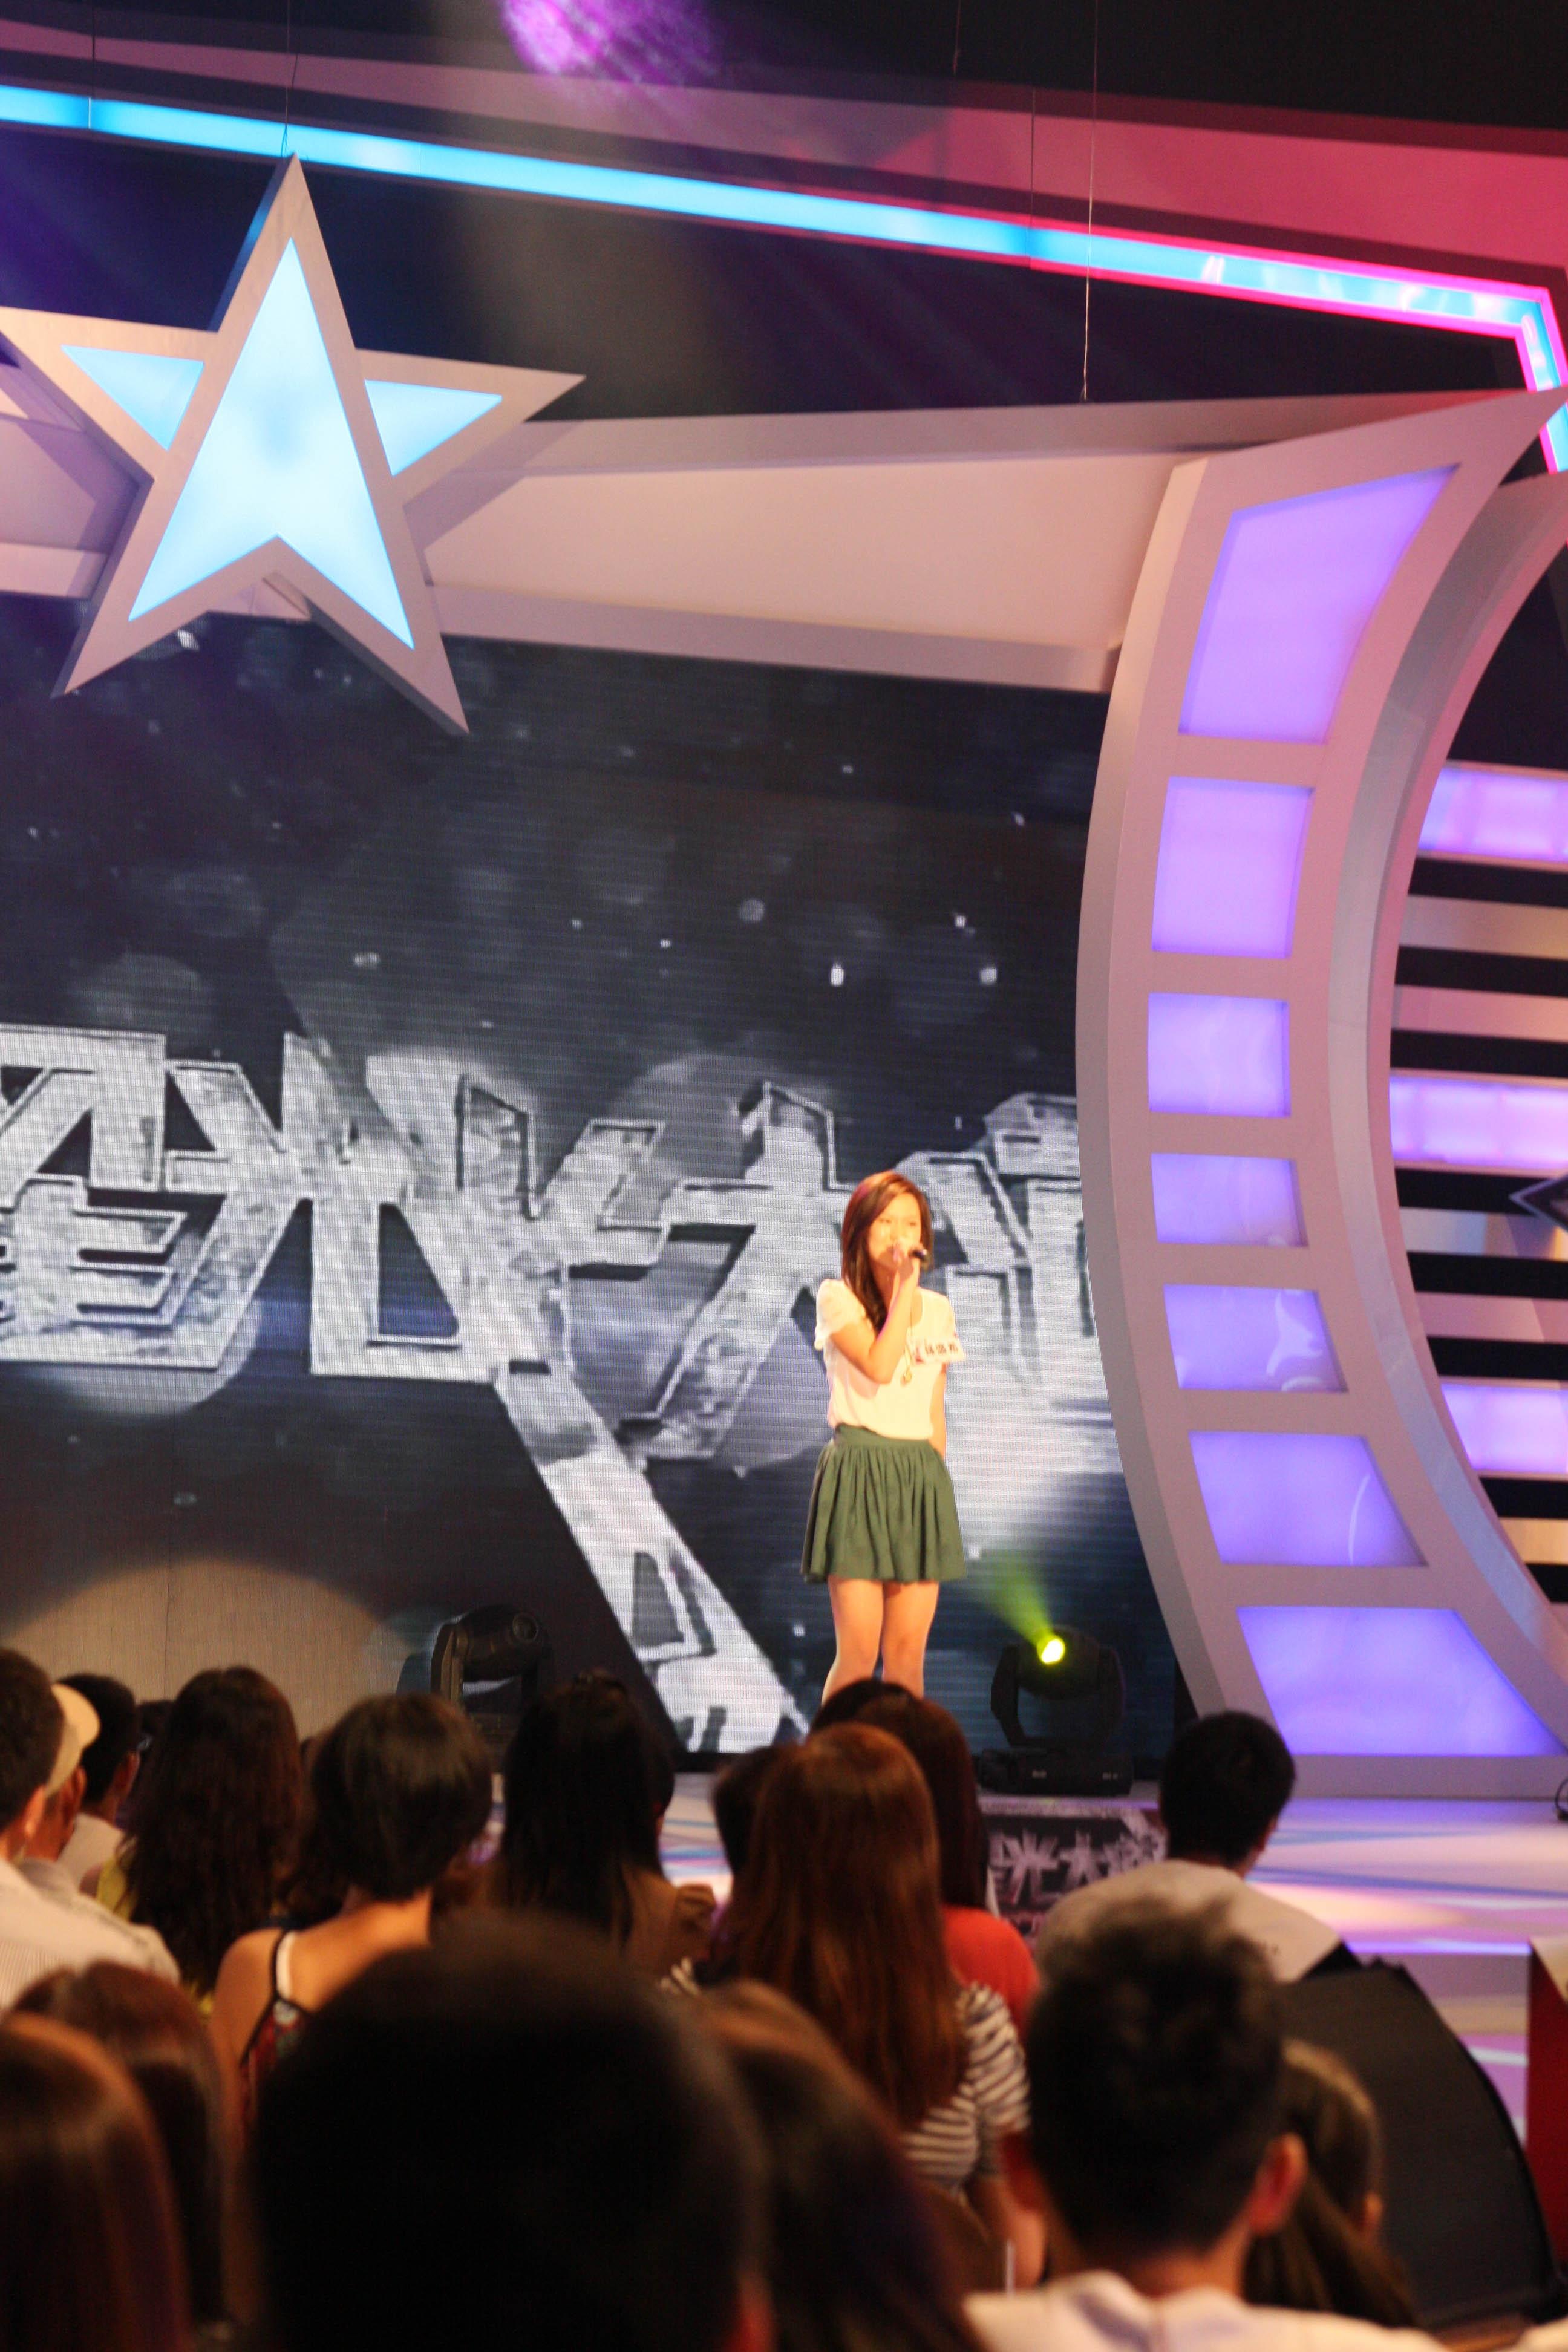 韓國華僑孫盛希 被評審阿翔認為演唱時身體太過於保守